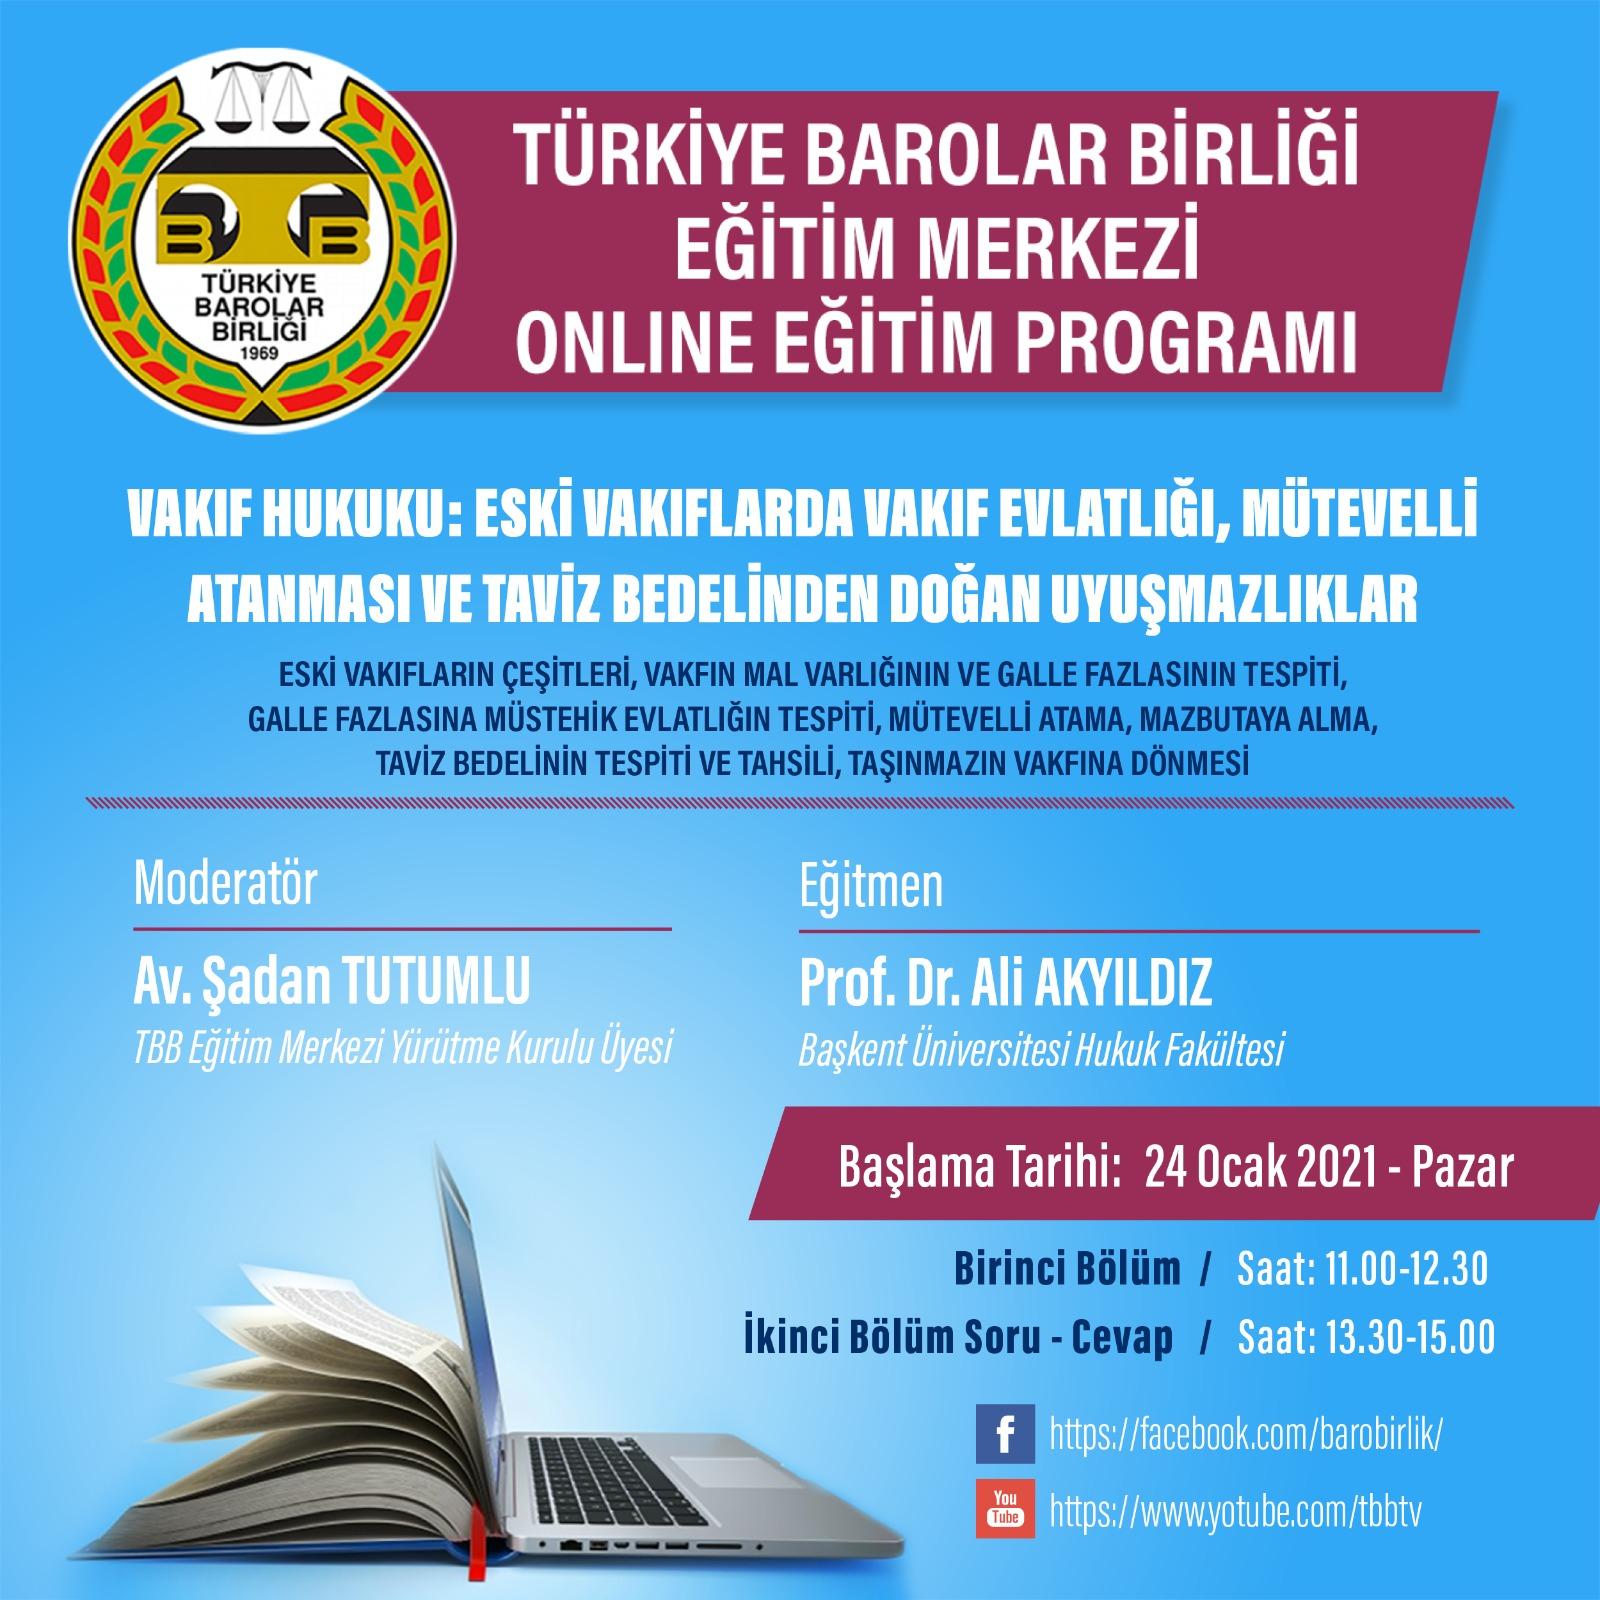 TBB Eğitim Merkezi Online Eğitim 24.01.2021